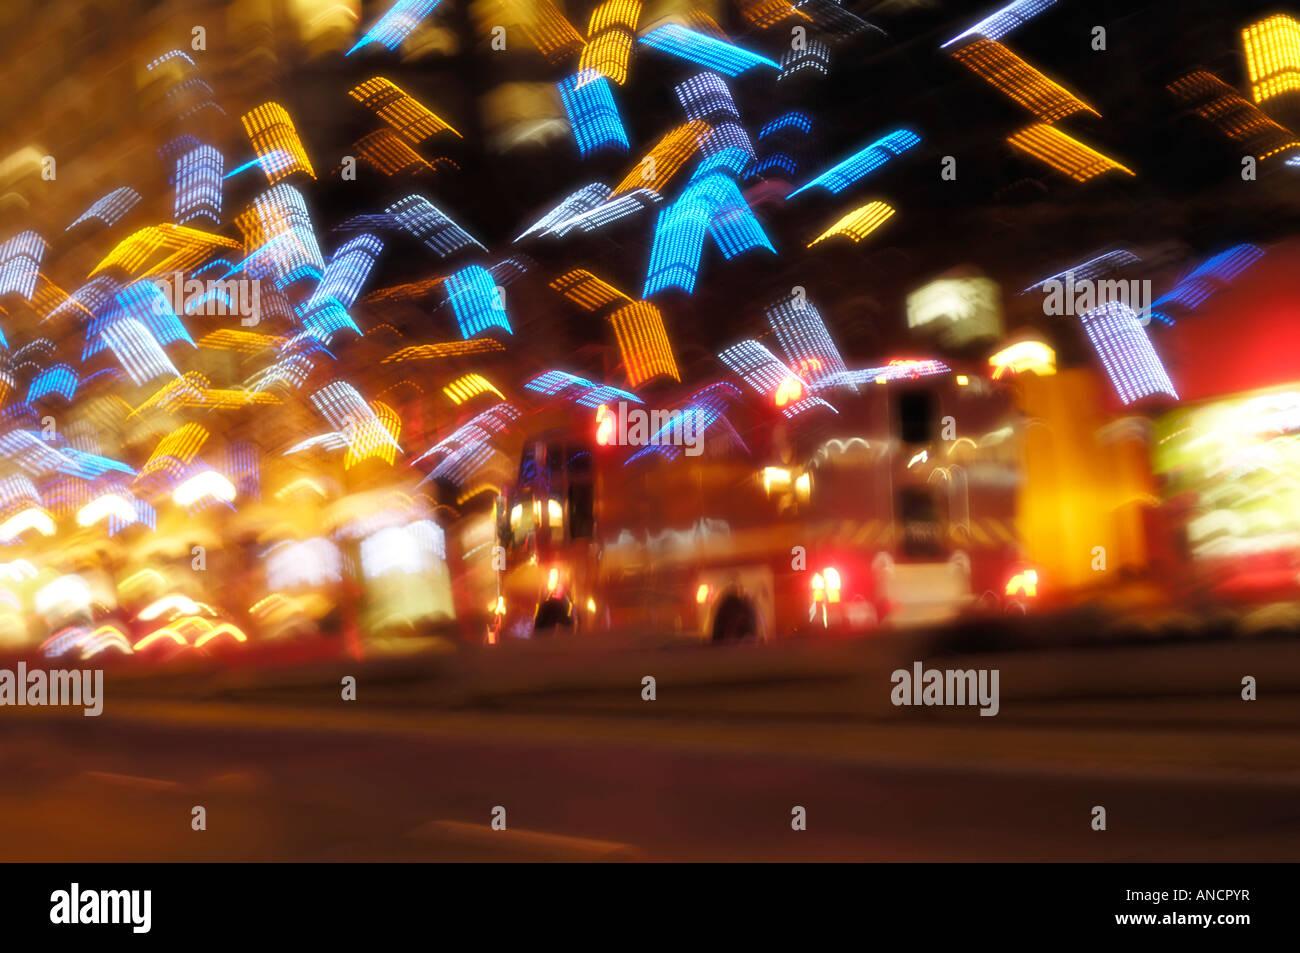 Abstrakten bunten Urlaub Stadt-Lichter in der Nacht Stockbild